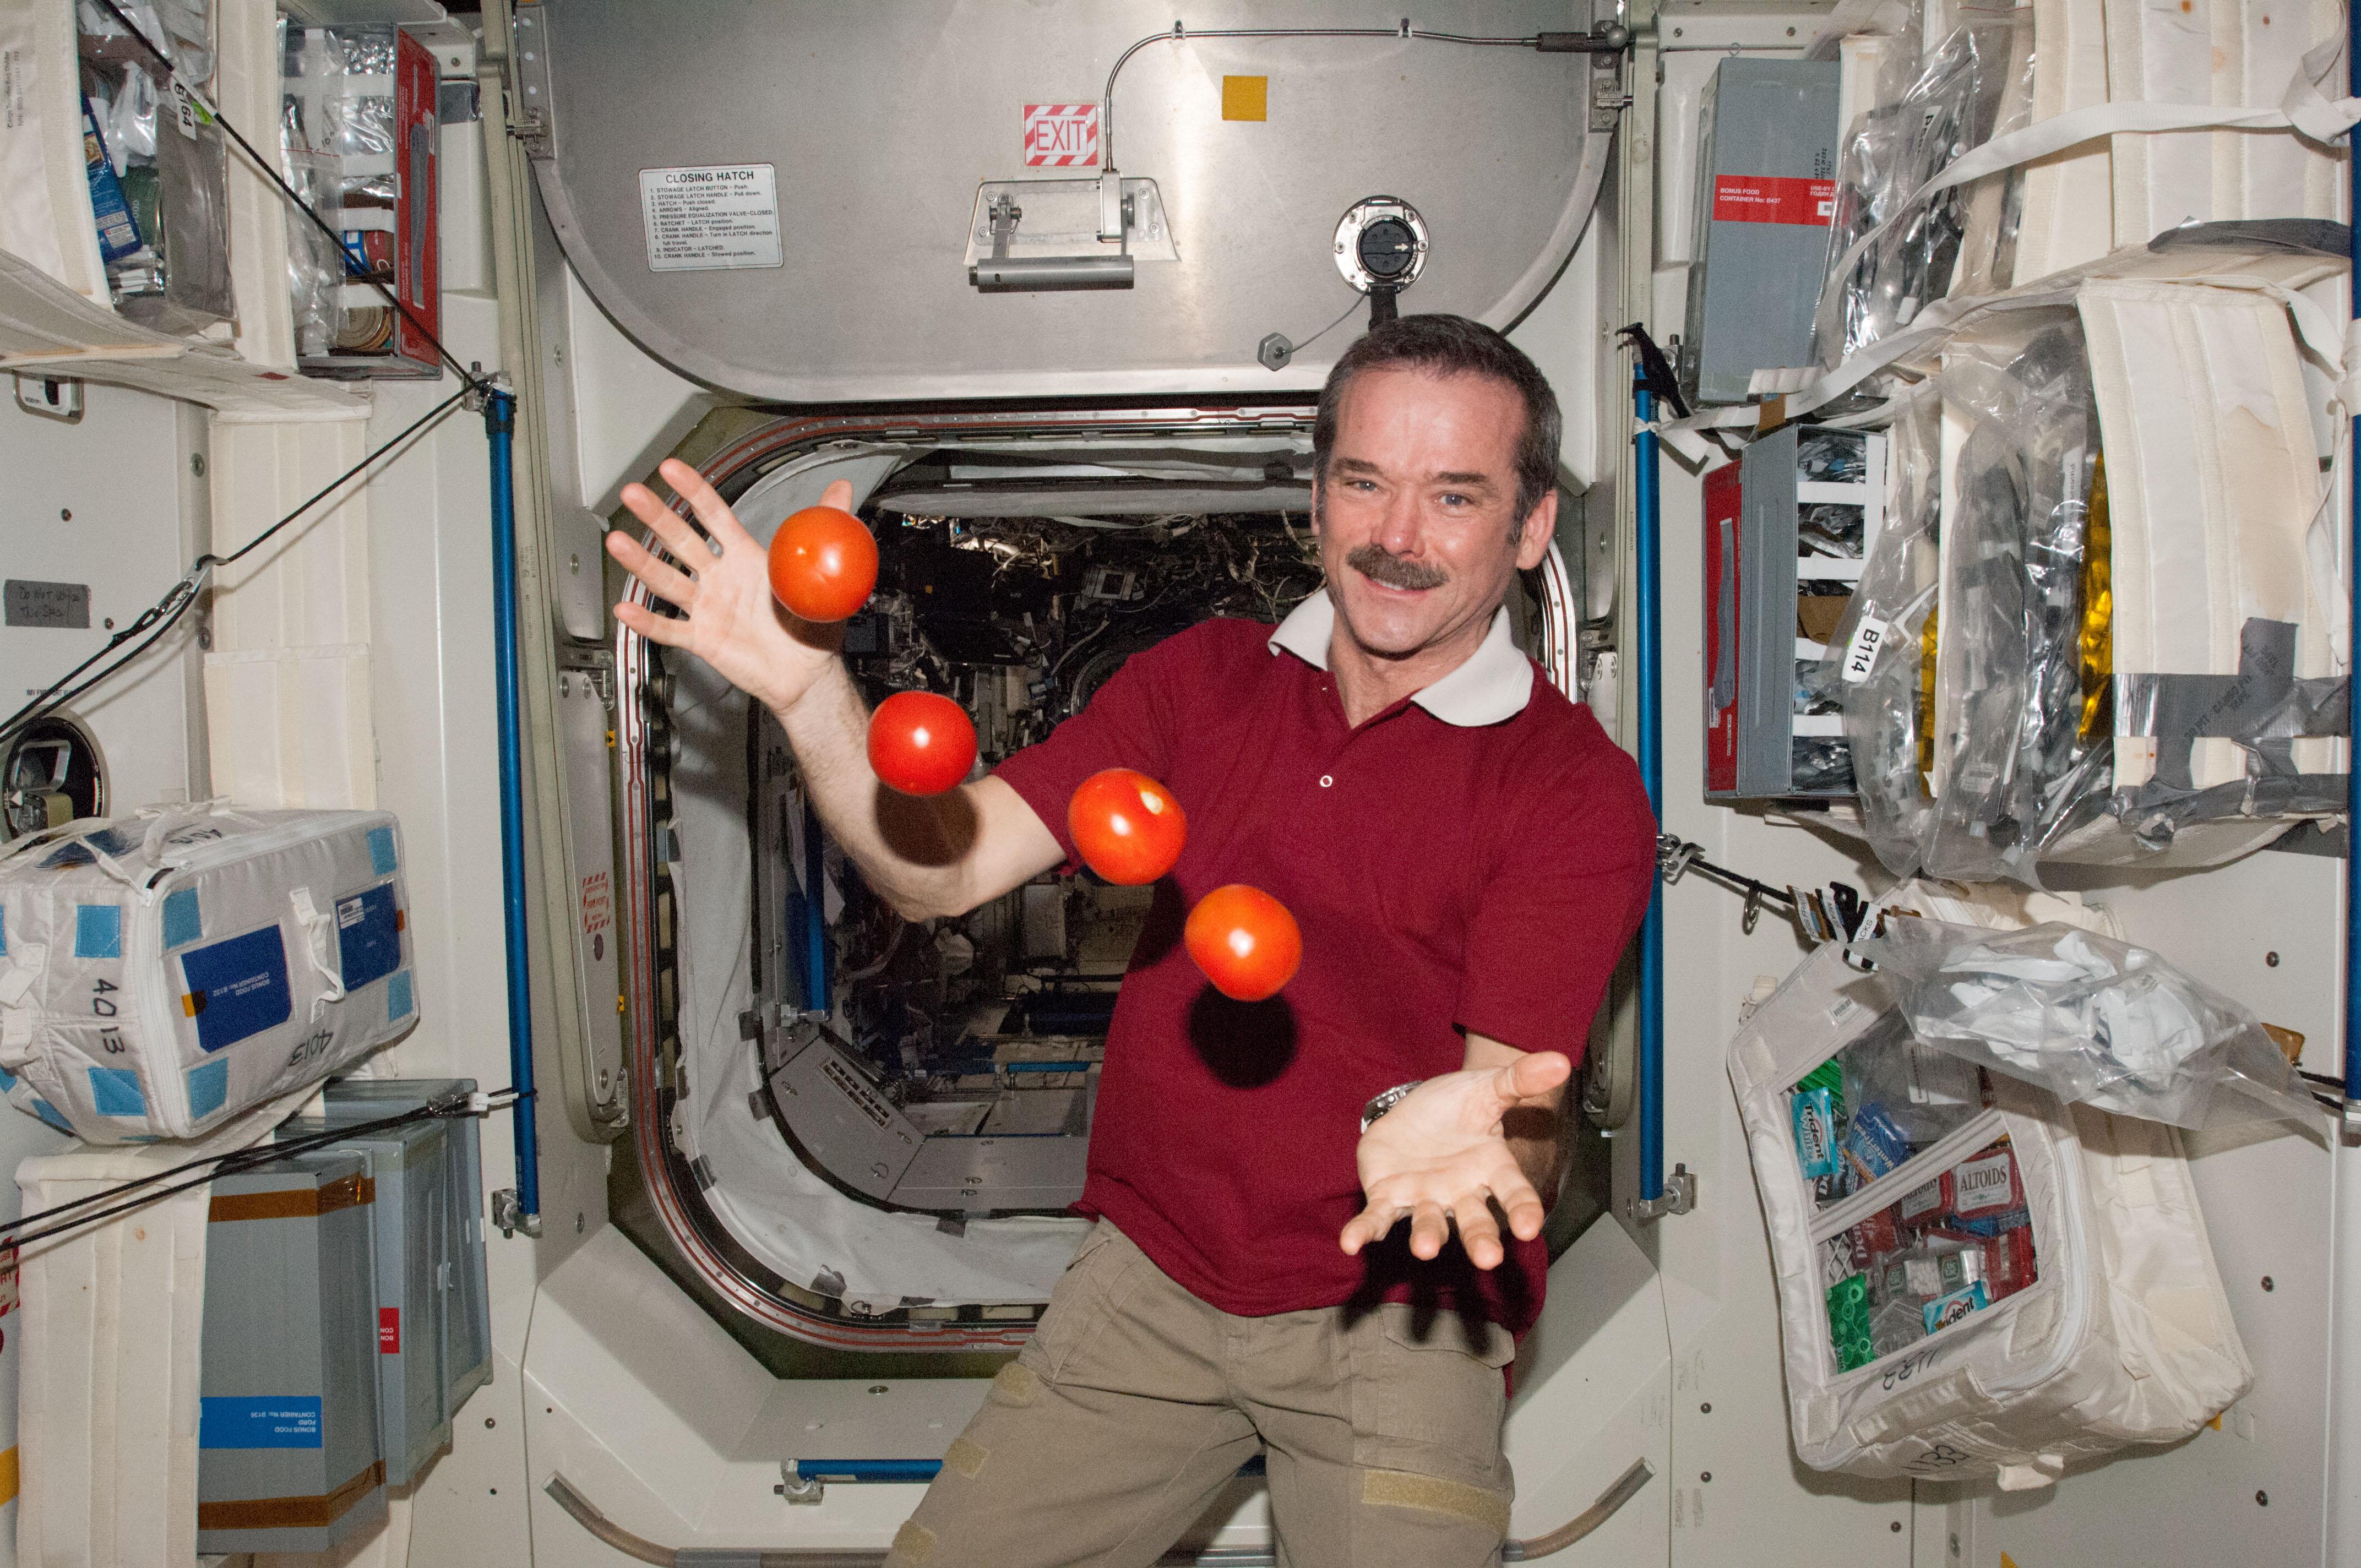 jedzenie na statku kosmicznym wynalazca